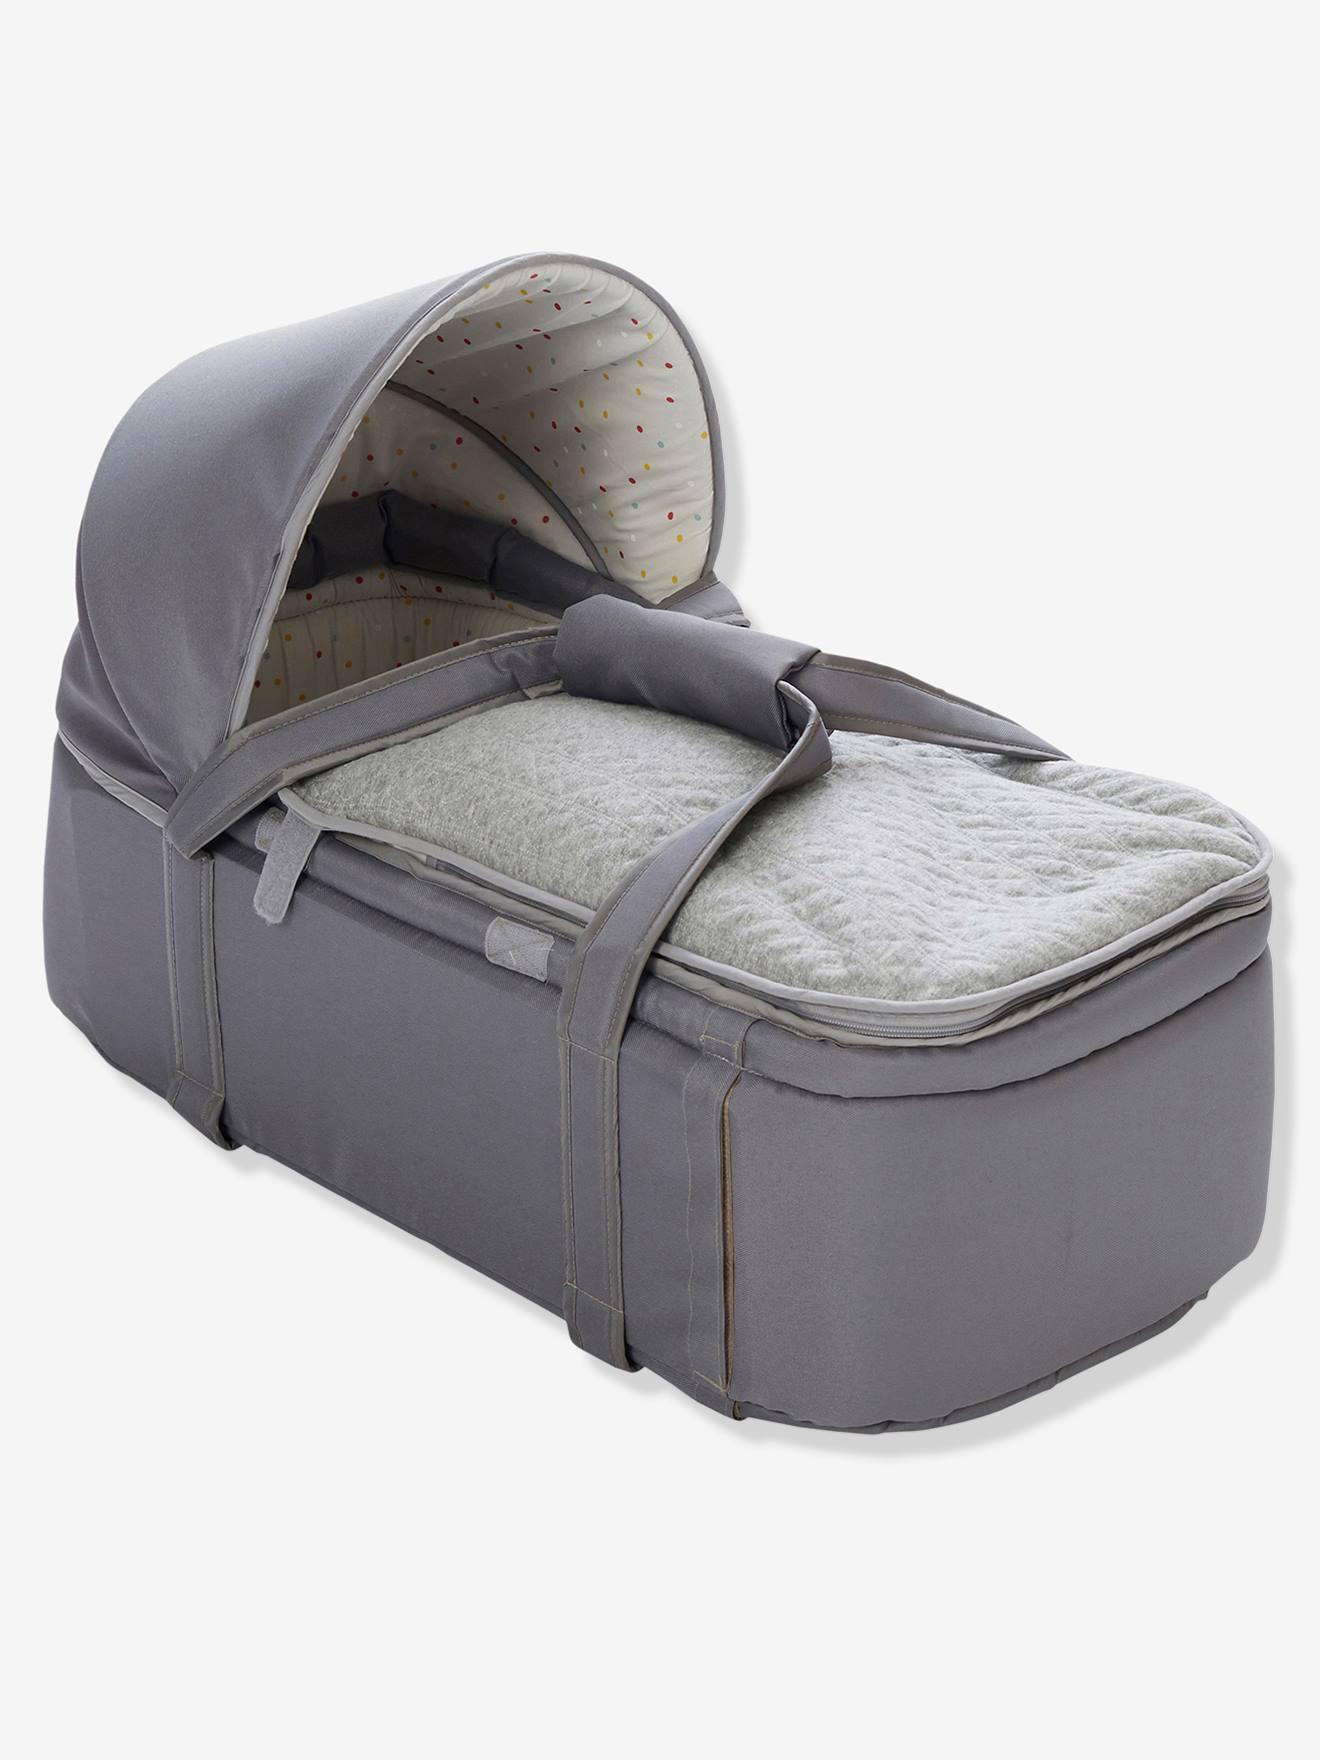 lits parapluie achat vente de lits pas cher. Black Bedroom Furniture Sets. Home Design Ideas